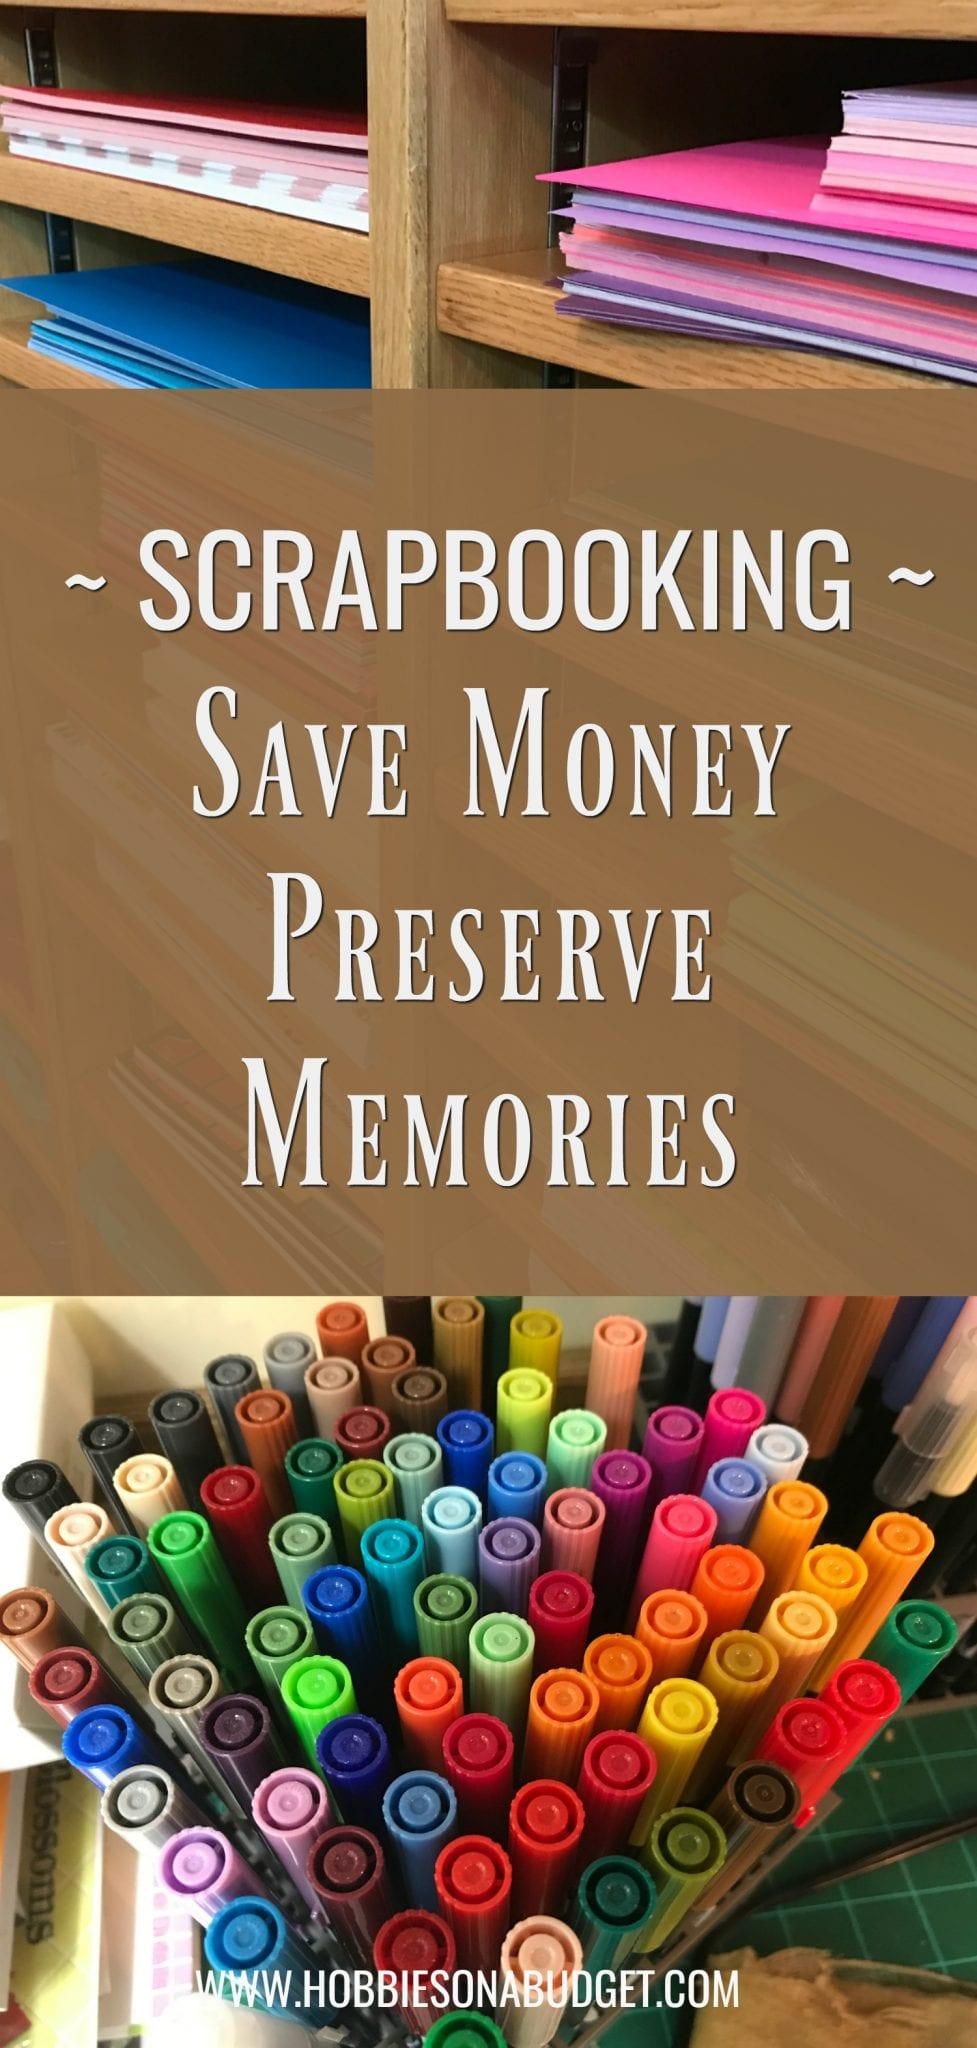 SCRAPBOOKING SAVE MONEY PRESERVE MEMORIES